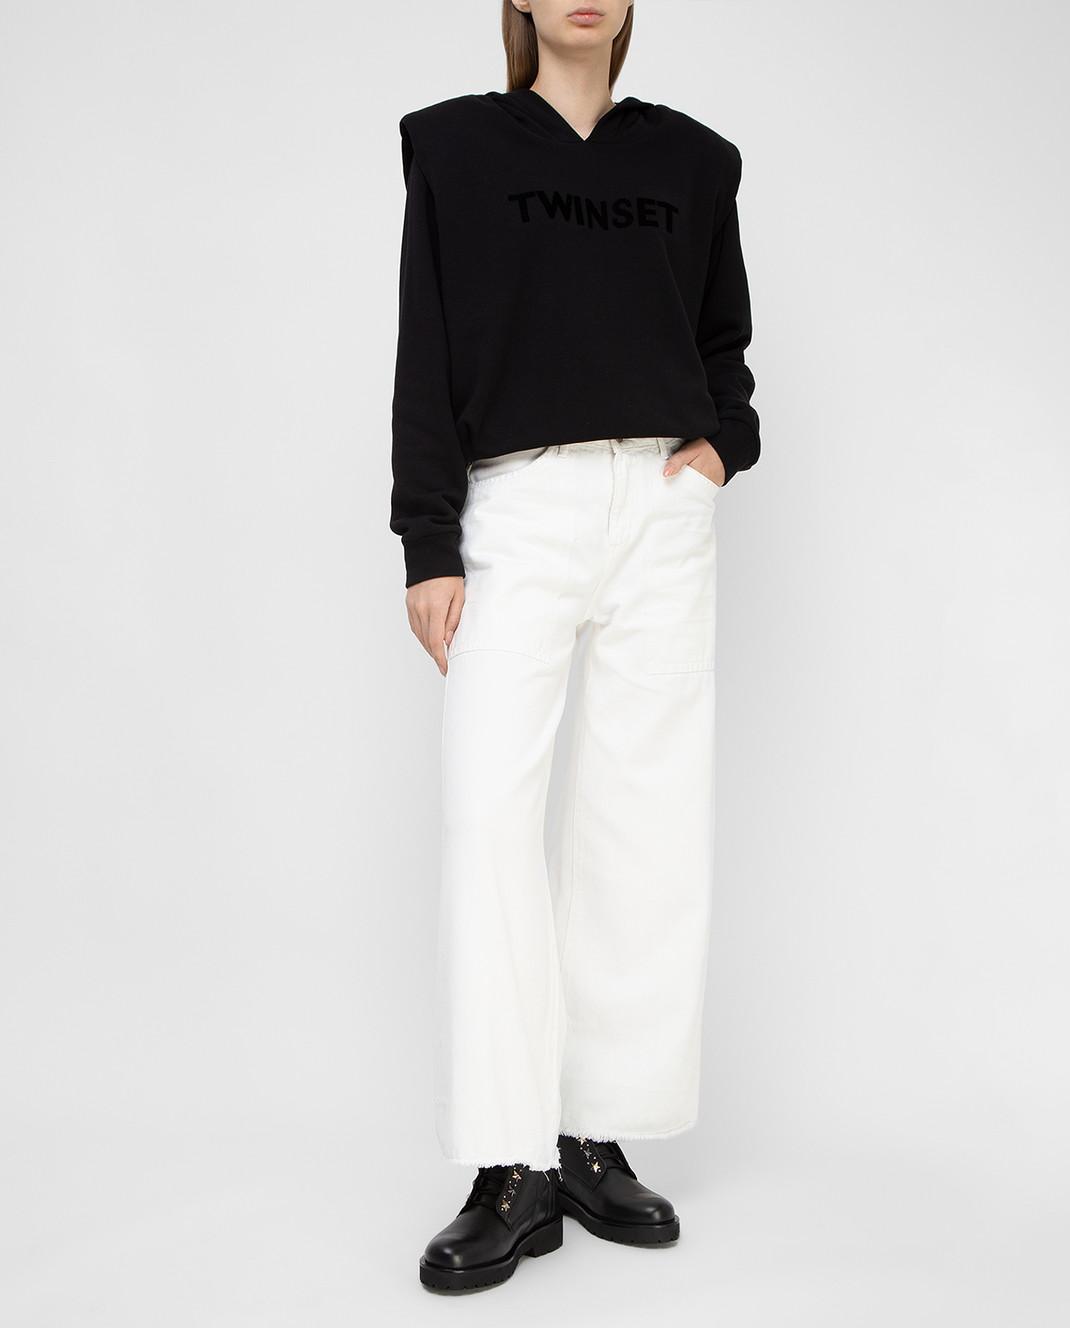 Twin Set Белые джинсы PS72S6 изображение 2